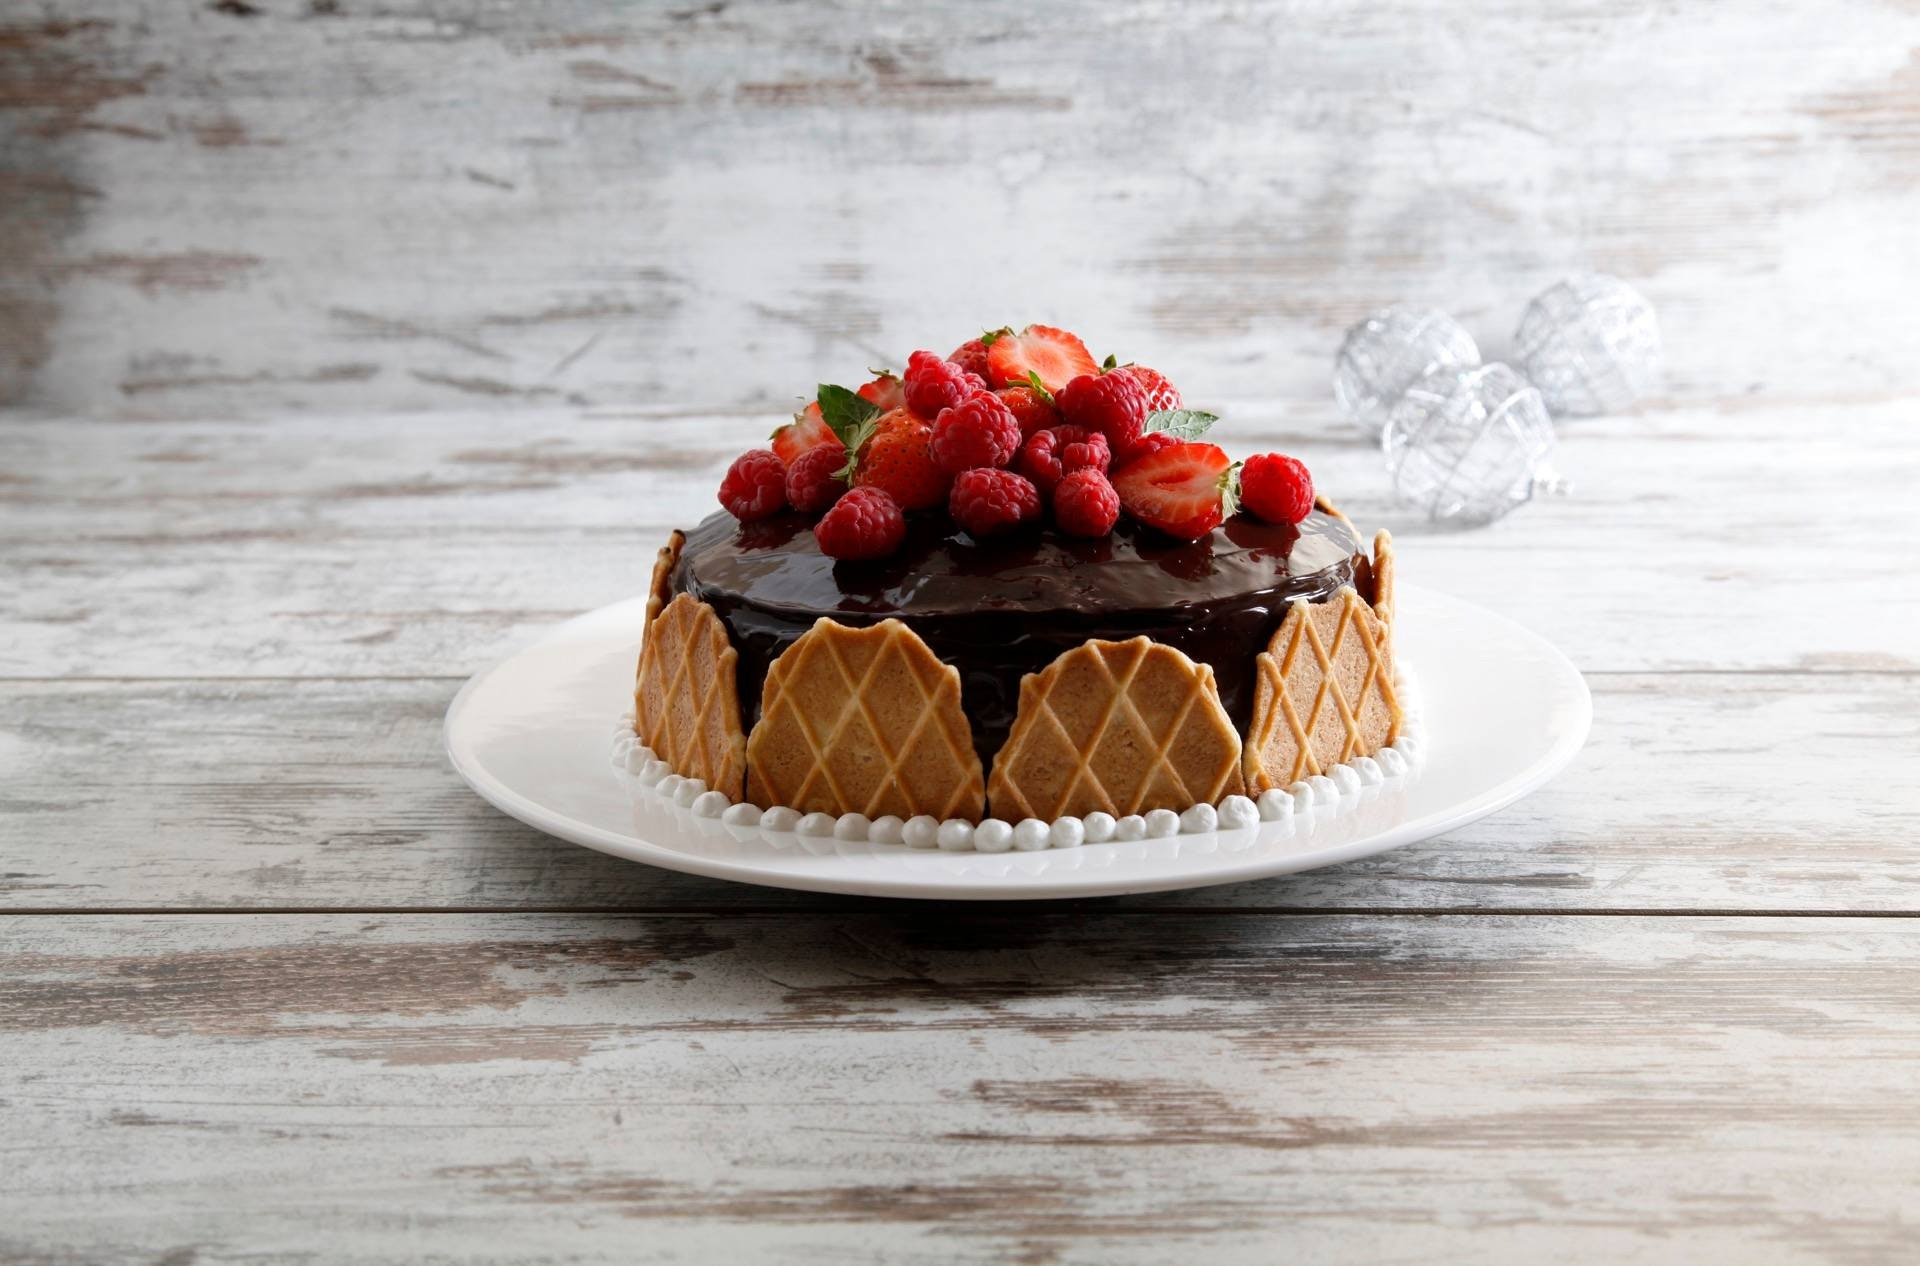 Sponge cake con panna, crema al cioccolato e frutti rossi - Parmalat